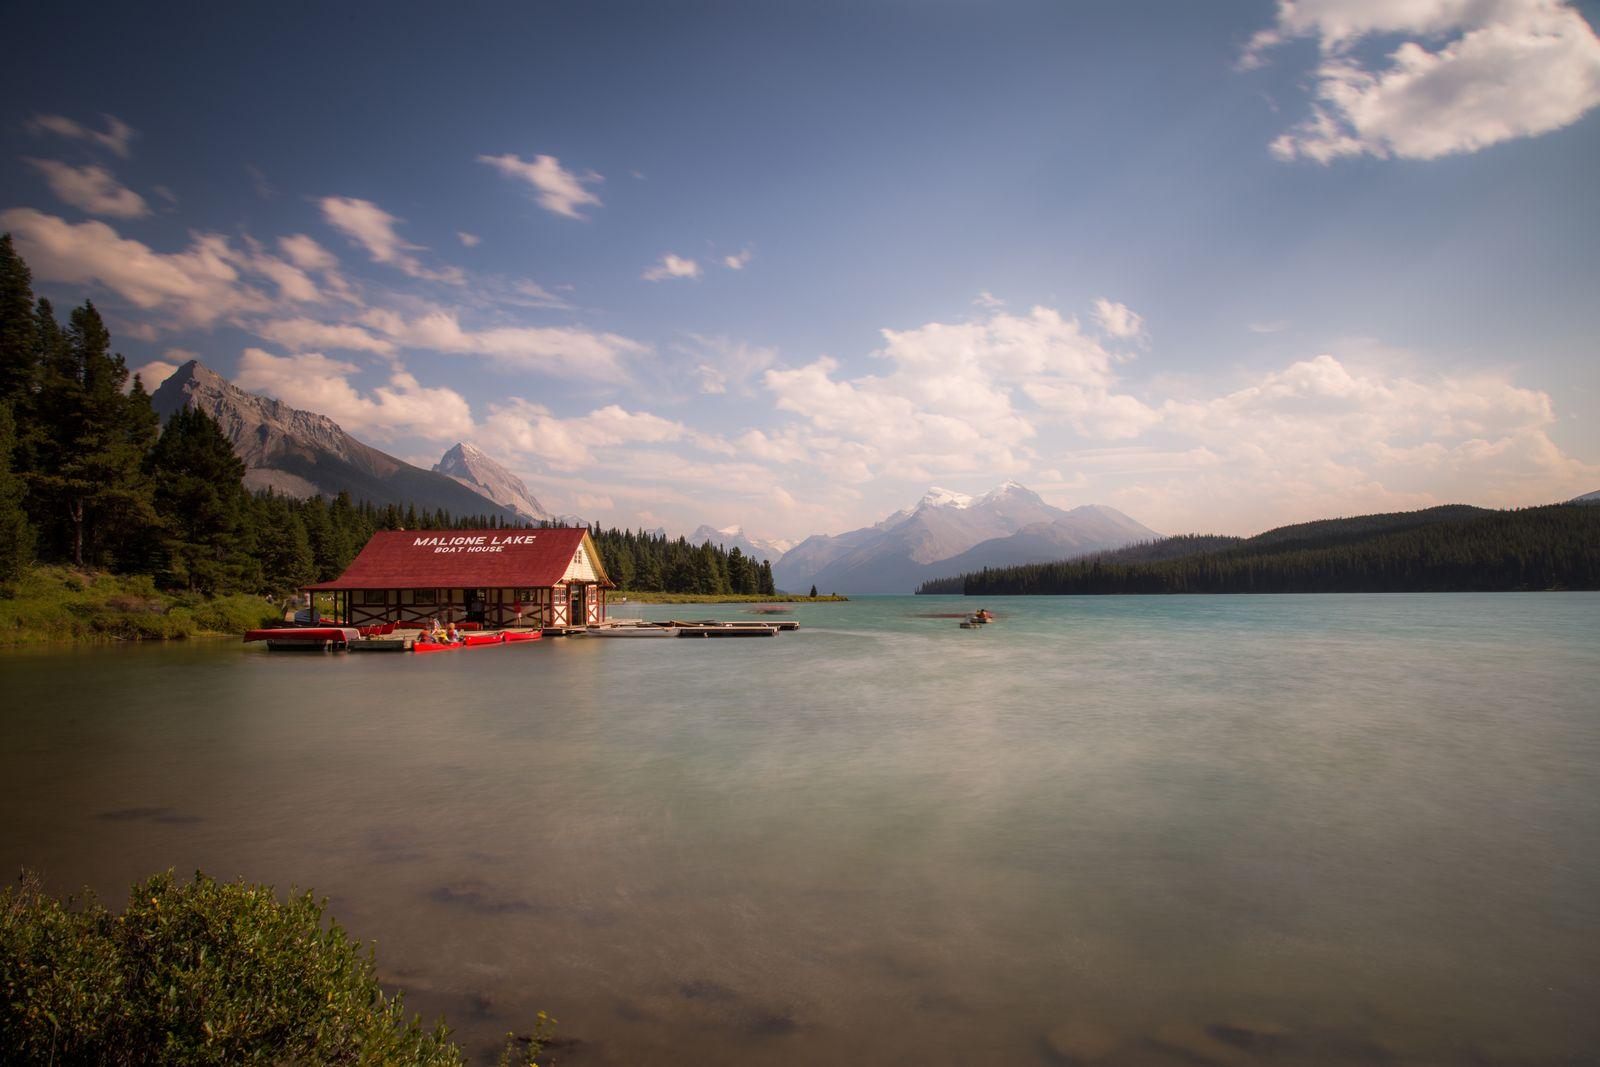 La inevitable foto de Maligne Lake